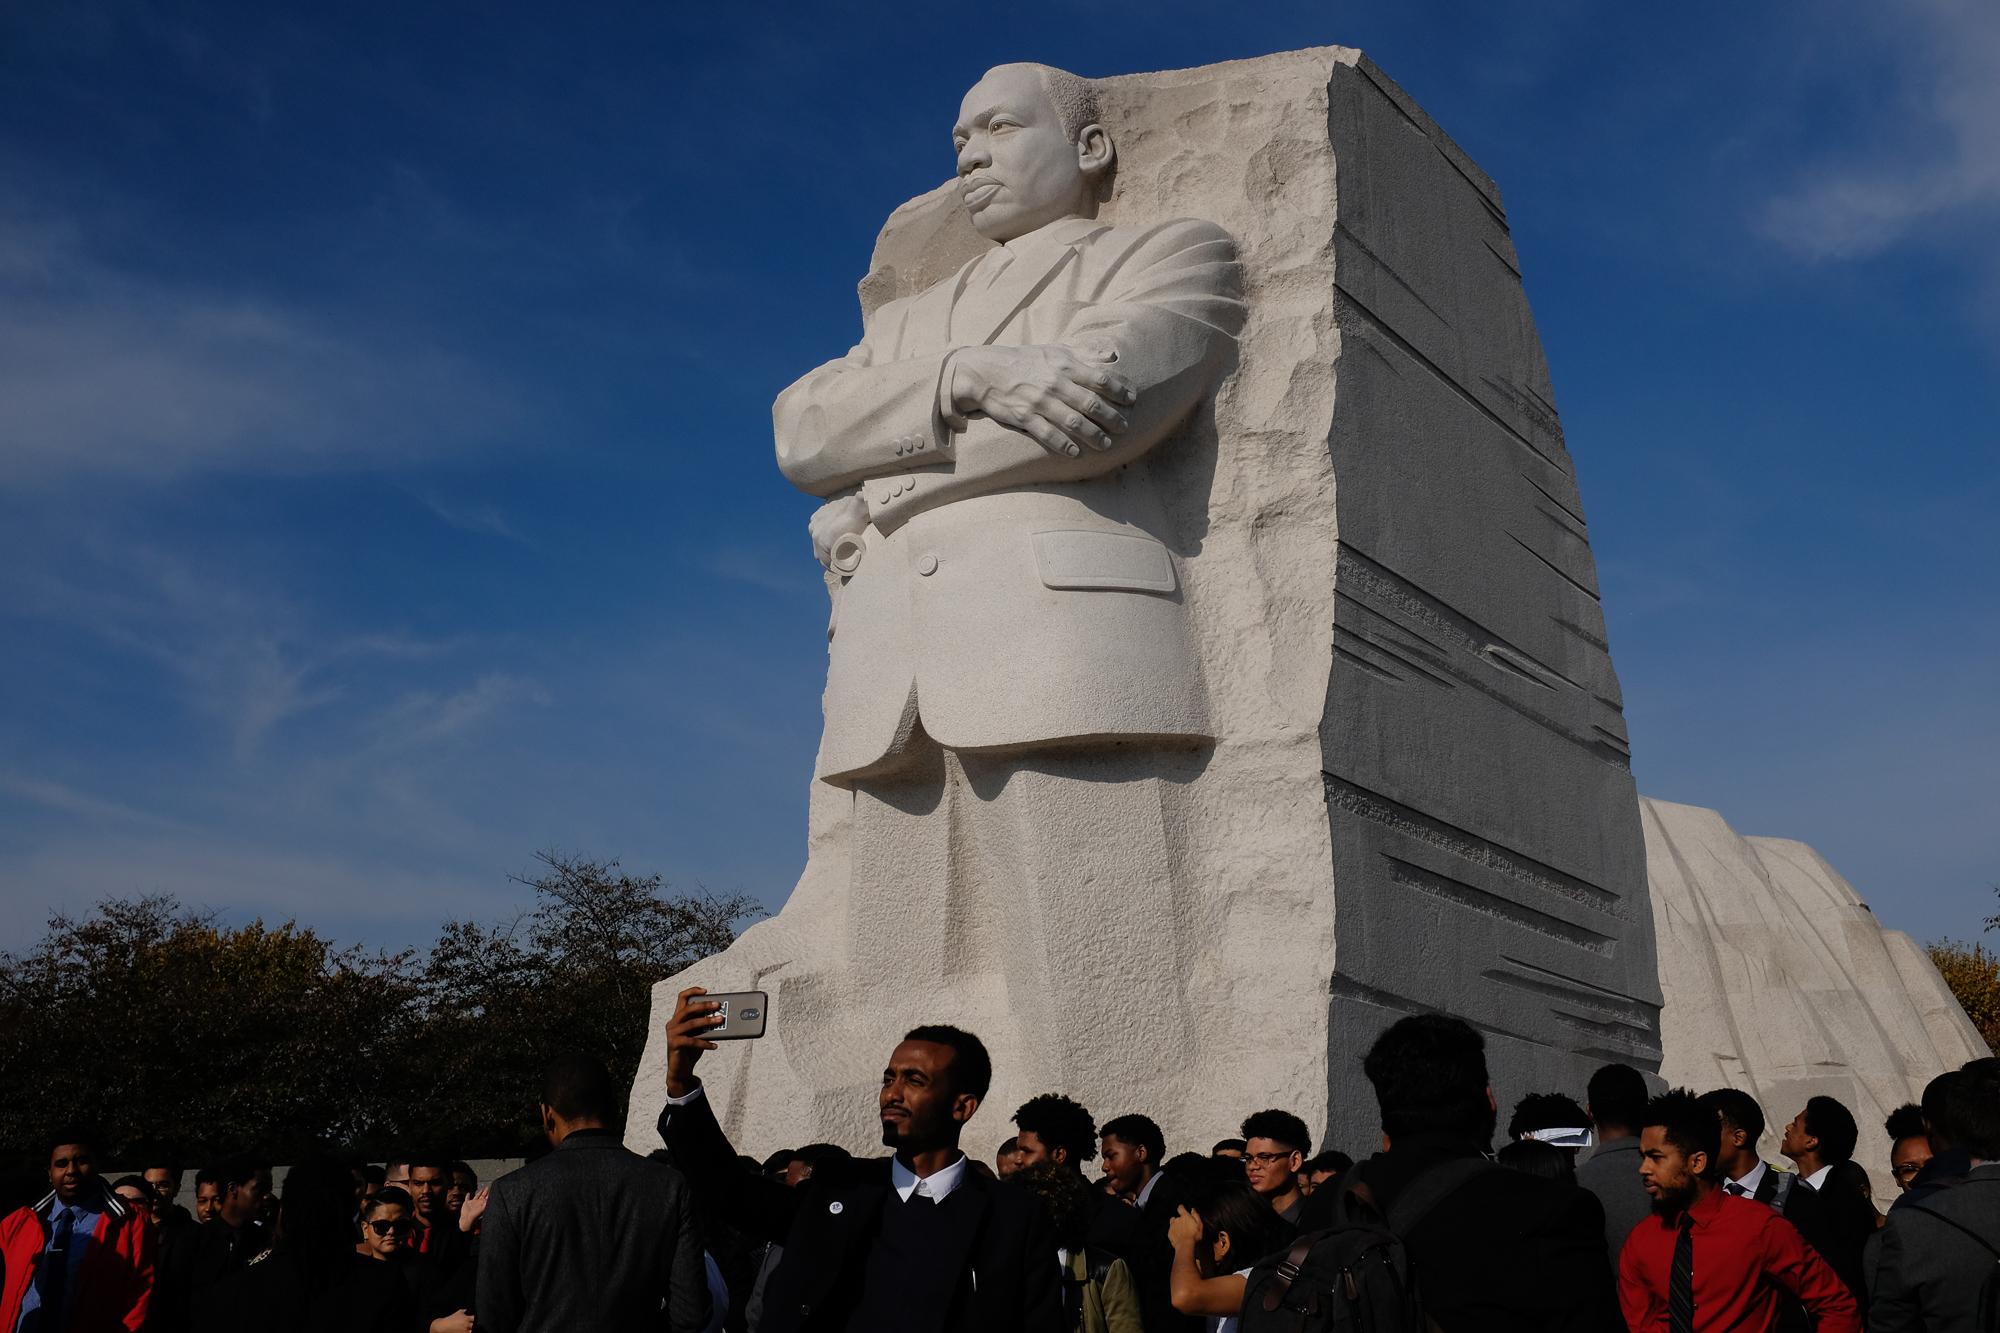 HBCU tour group at the Martin Luther King, Jr. Memorial, Washington, D.C.